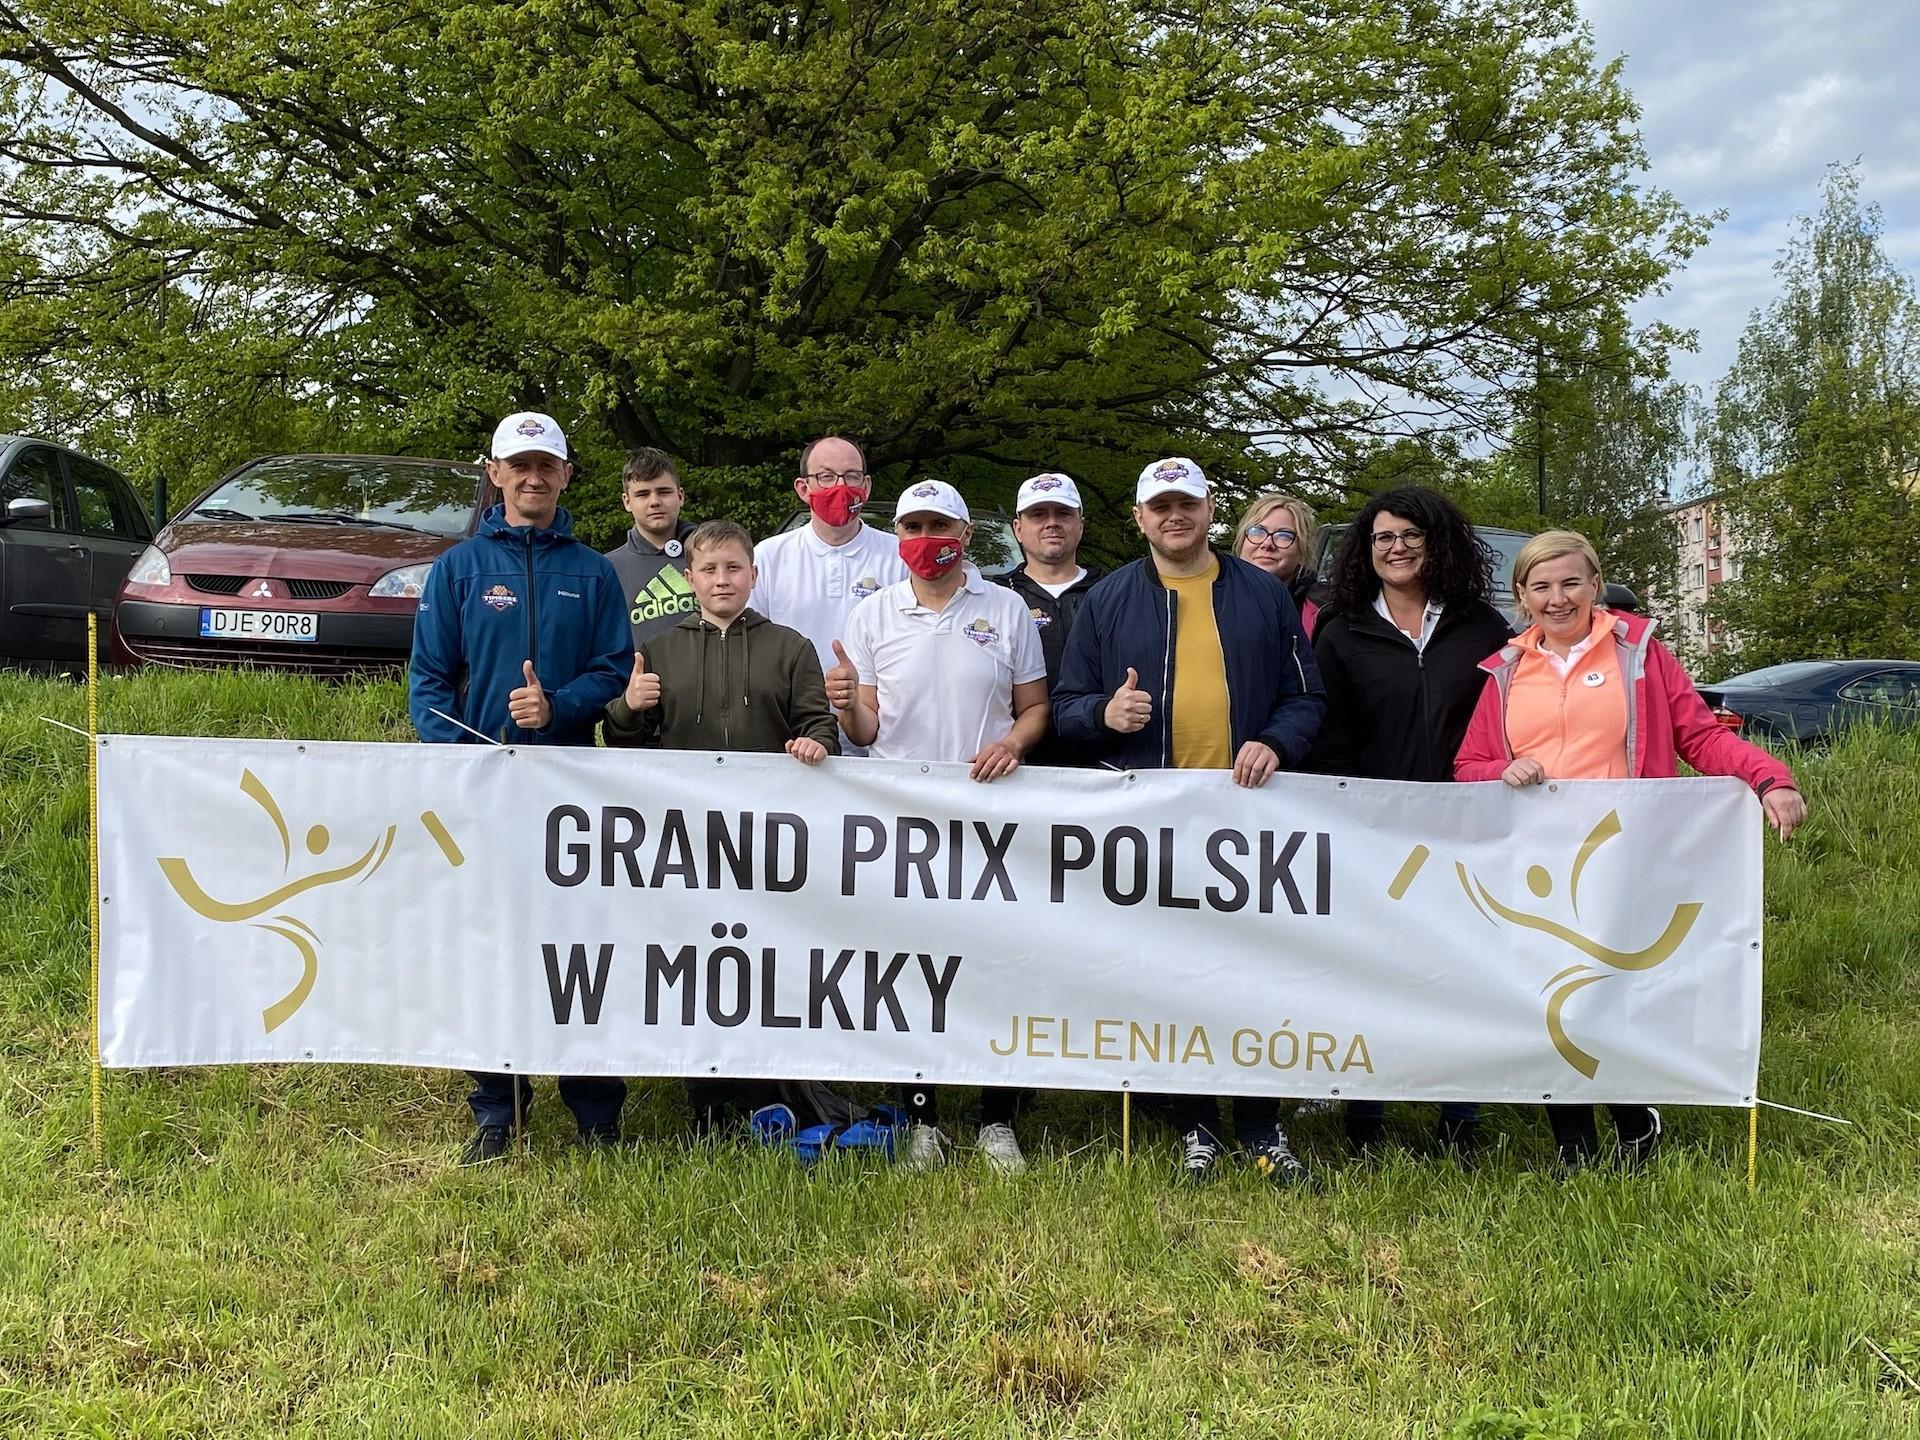 Reprezentacja Timbers Bojanowo podczas 1 rundy Grand Prix Polskie w Mölkky w Jeleniej Górze